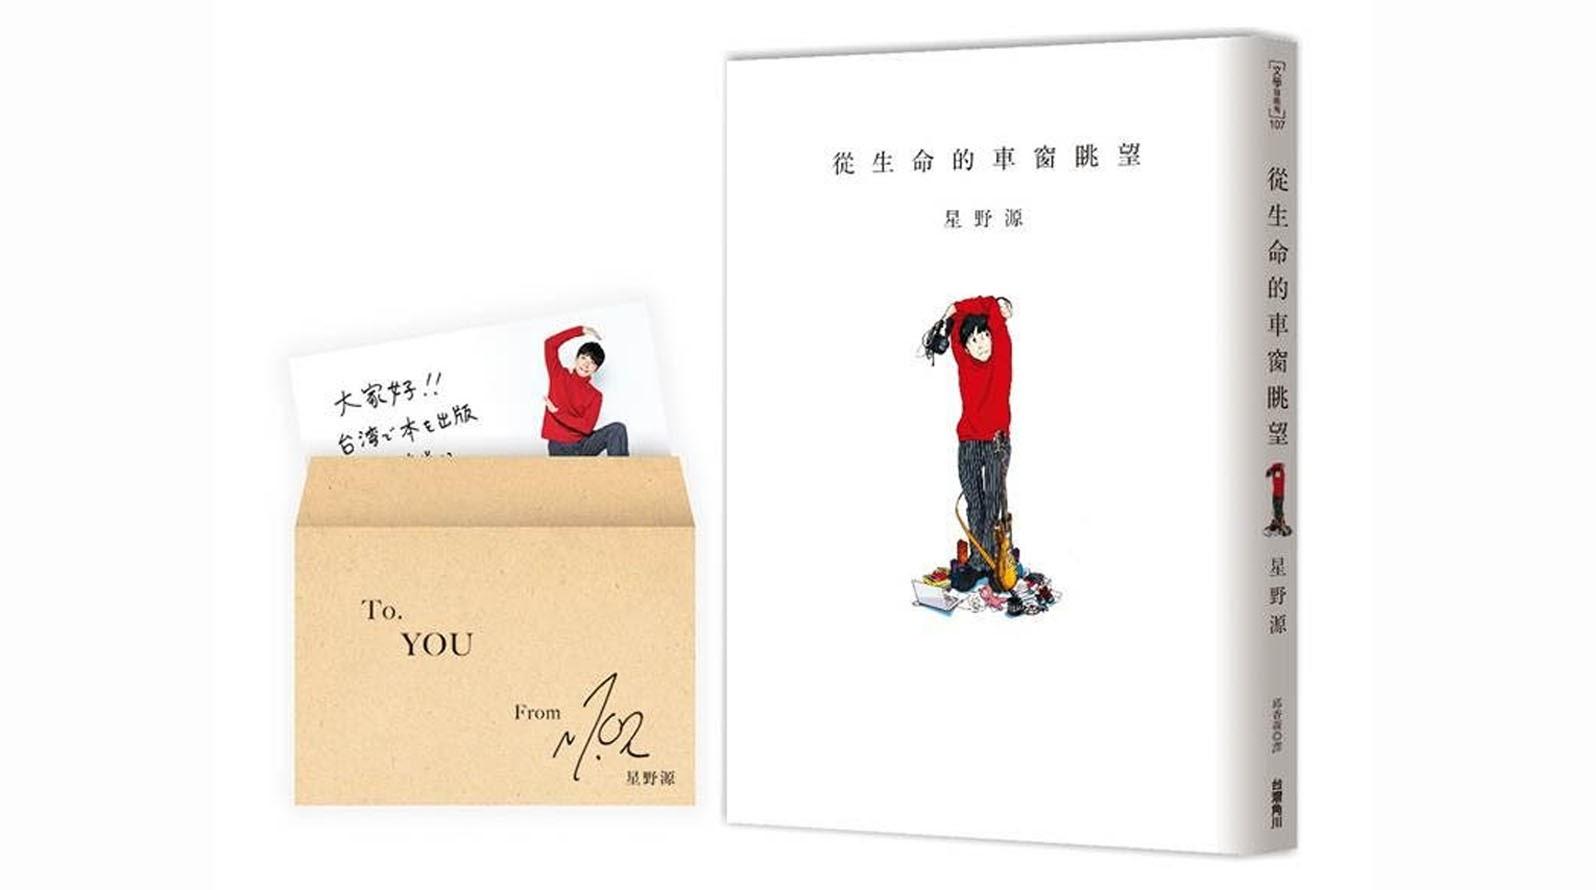 星野源書籍 《從生命的車窗眺望》即將於台灣發行!